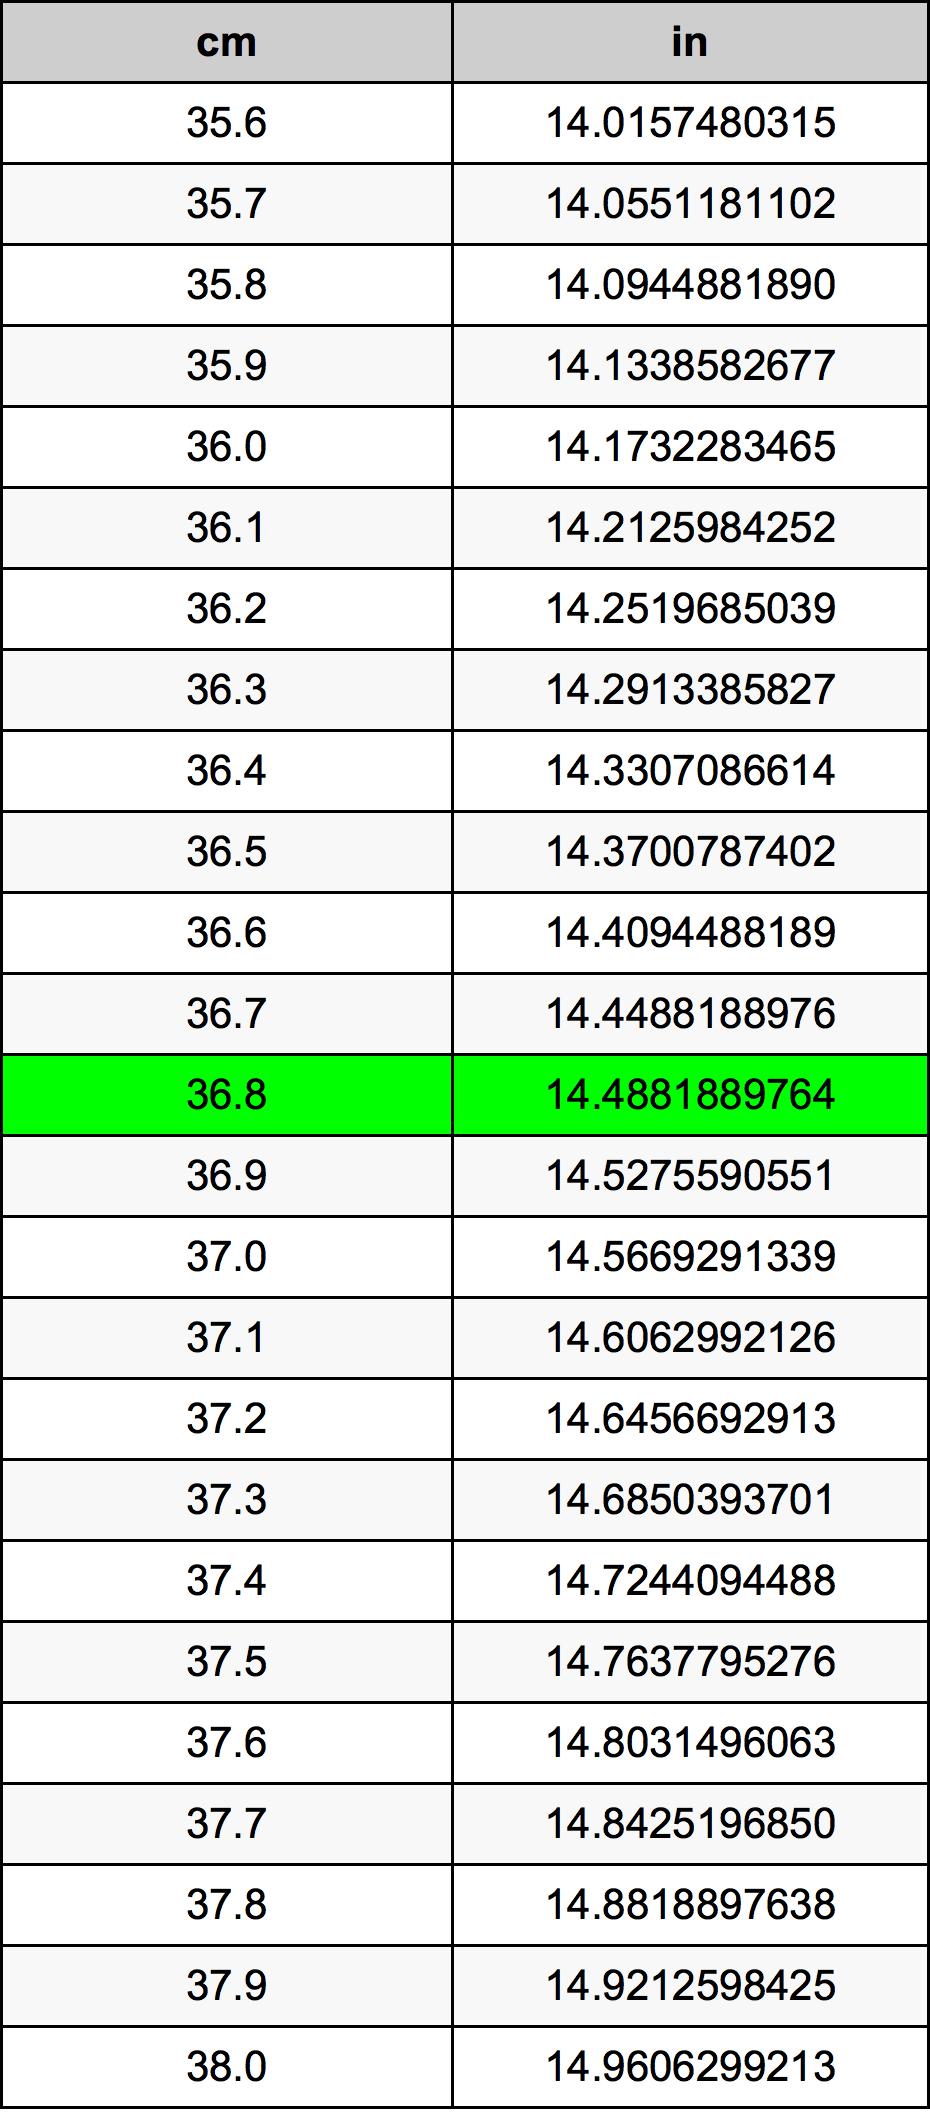 36.8 Centimeter conversietabel